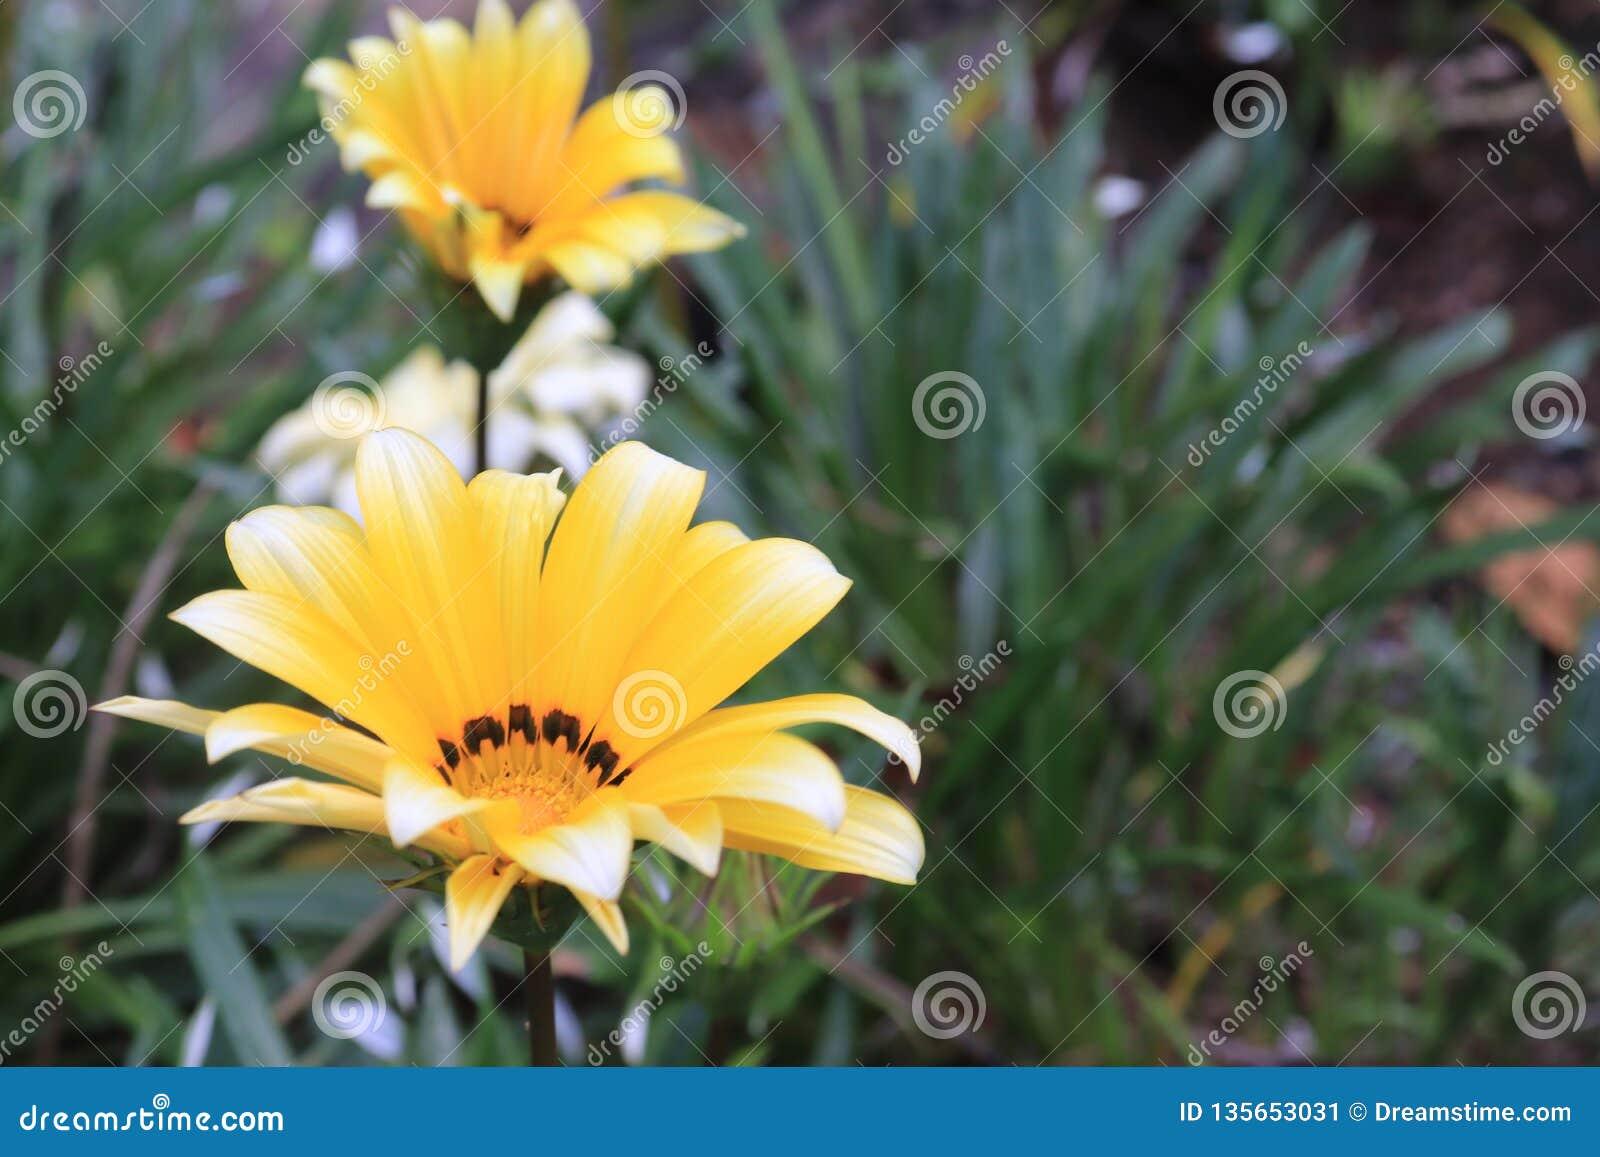 Fleur jaune fascinante avec le fond de forêt